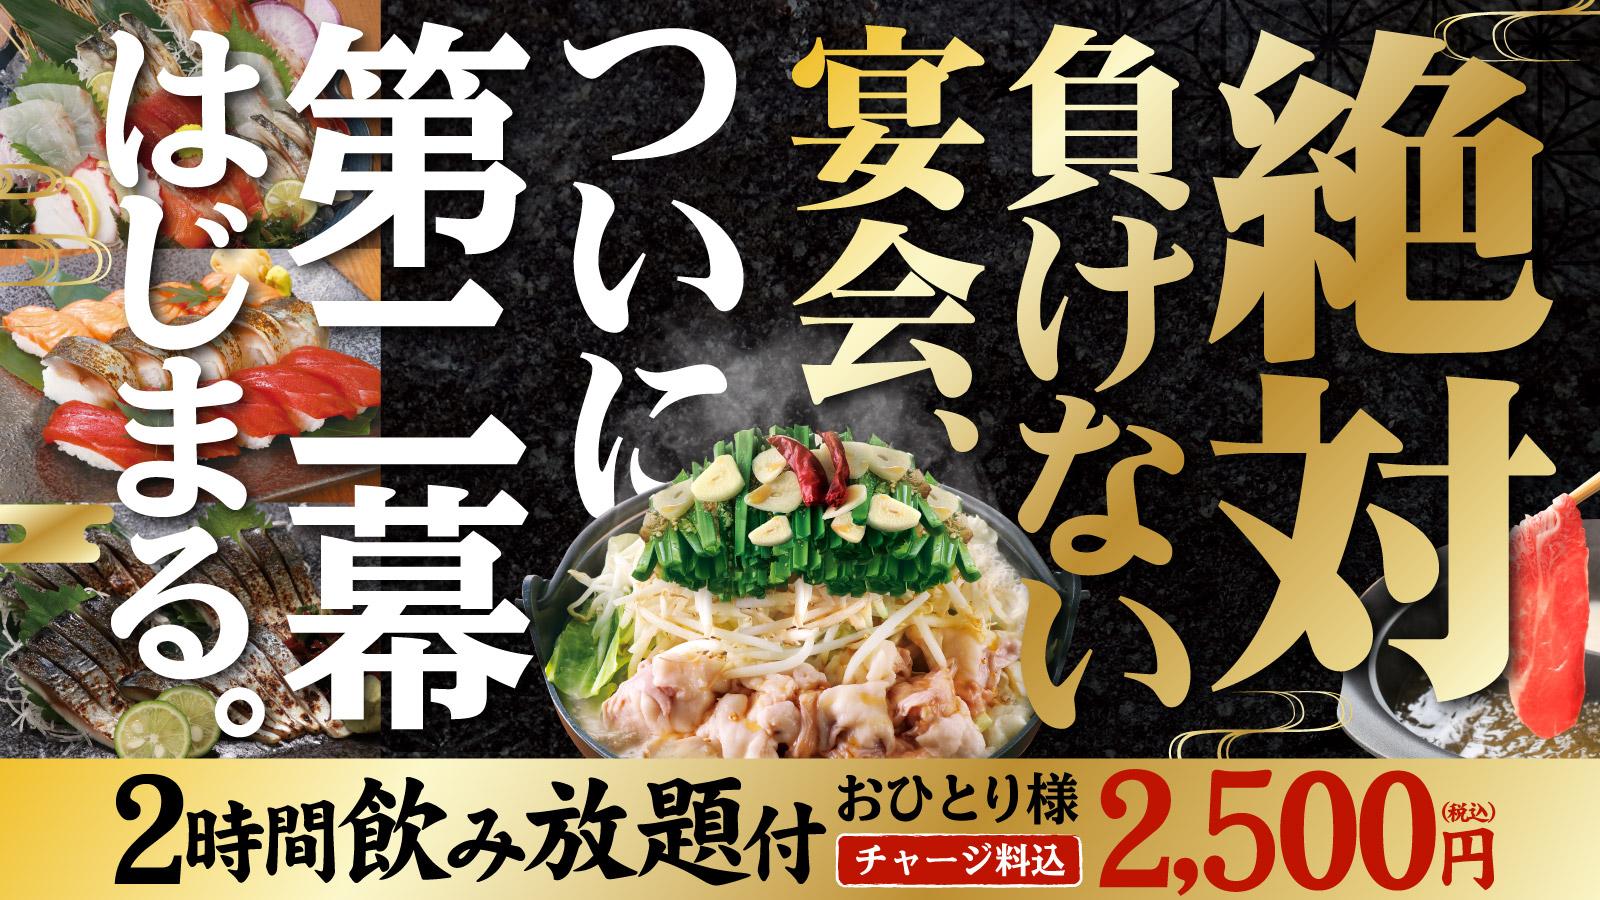 全国の「千年の宴」「福福屋」「月の宴」「月の花」「北海道魚萬」で2種から選べる鍋食べ放題&飲み放題コースをおひとり様2,500円(税込)で実施します。